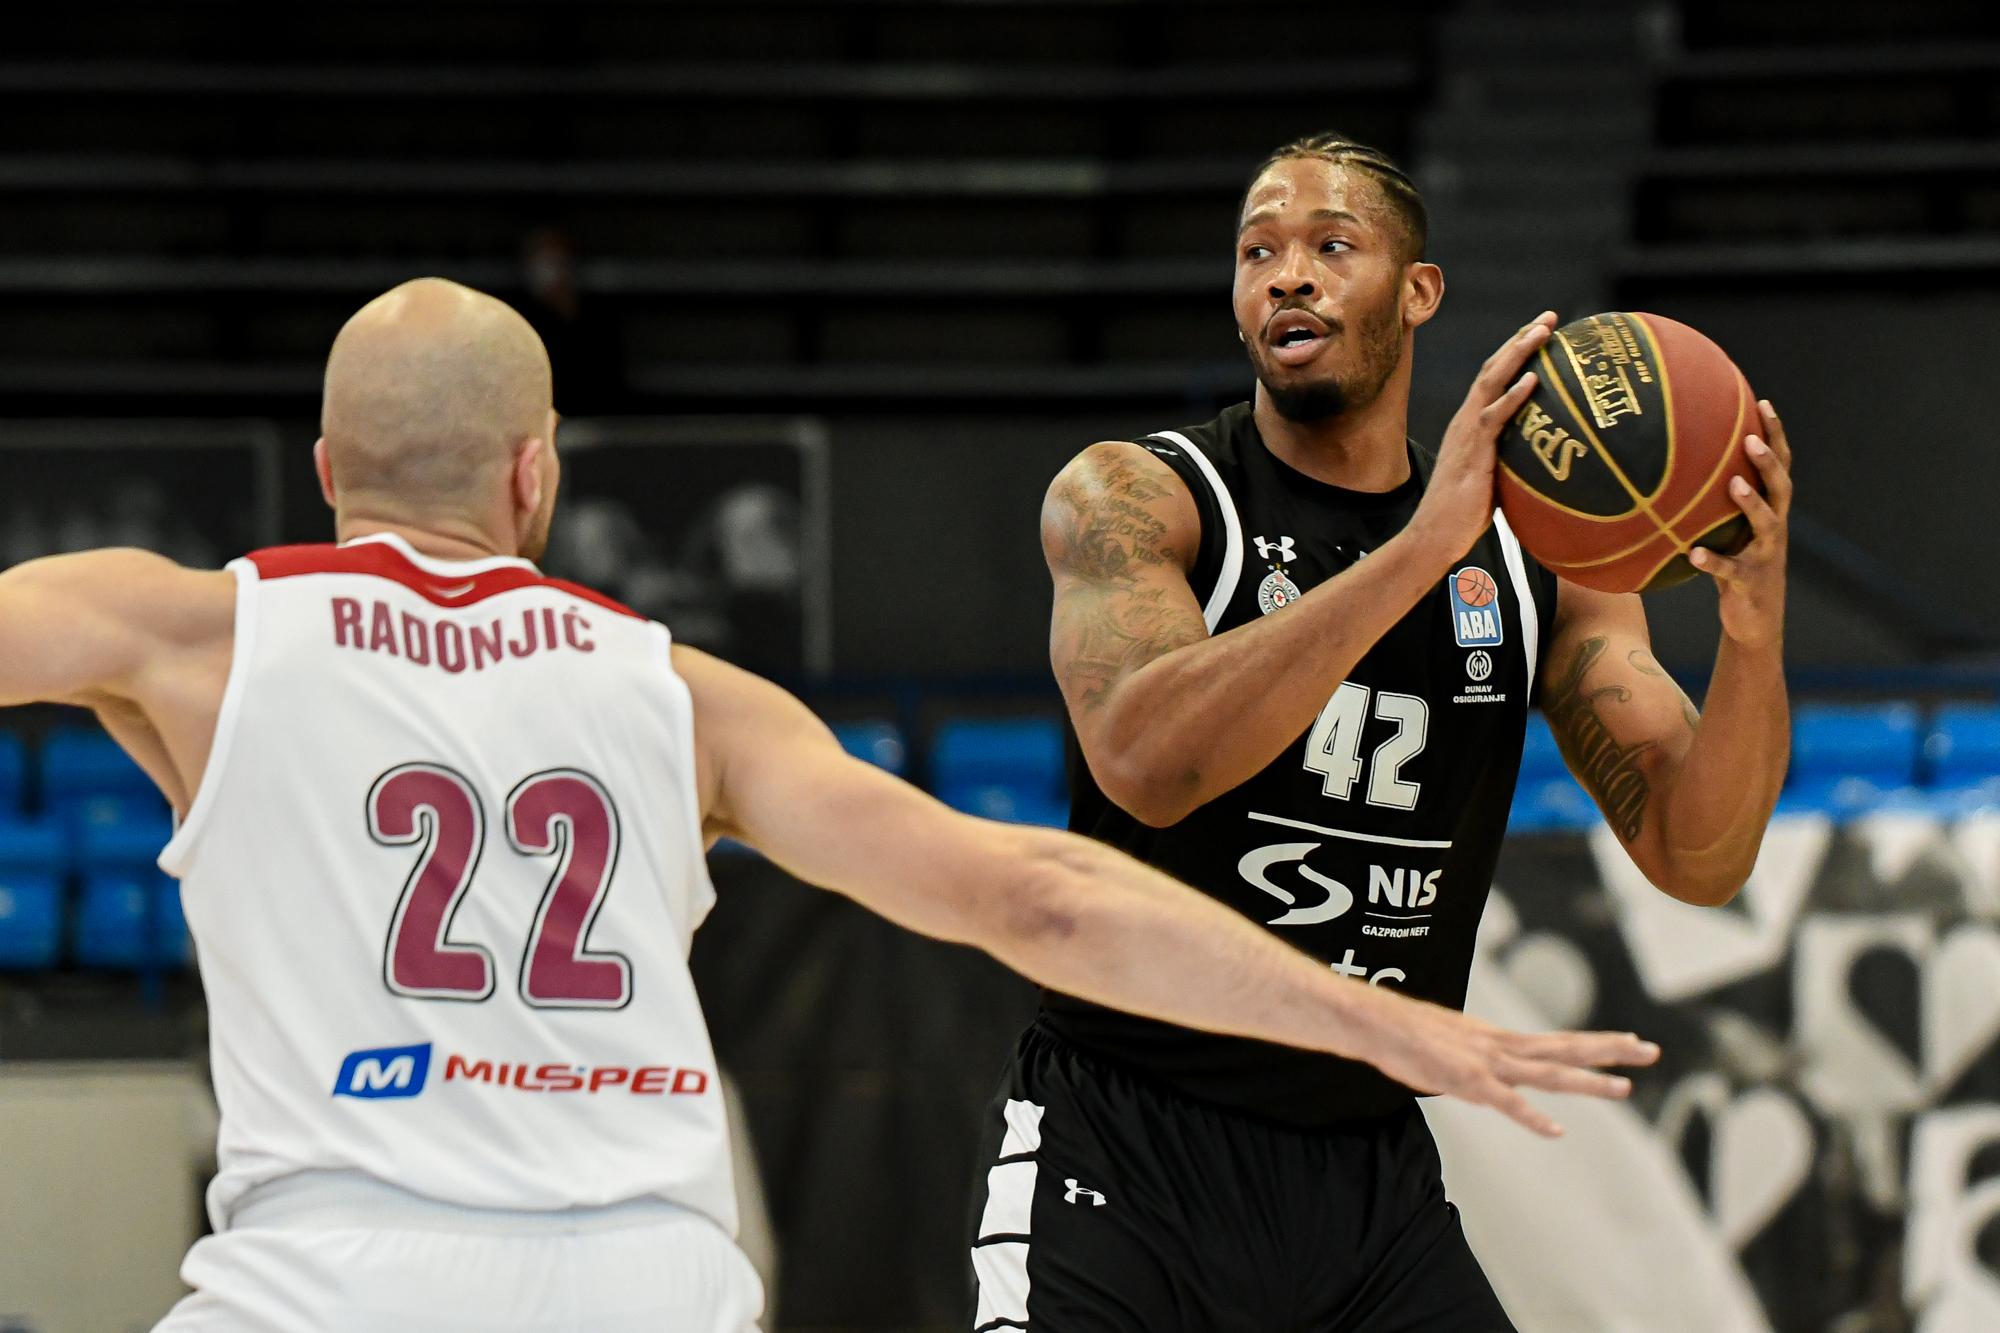 Četvrta vezana pobeda Partizana u ABA ligi nakon ispadanja iz borbe za plej of